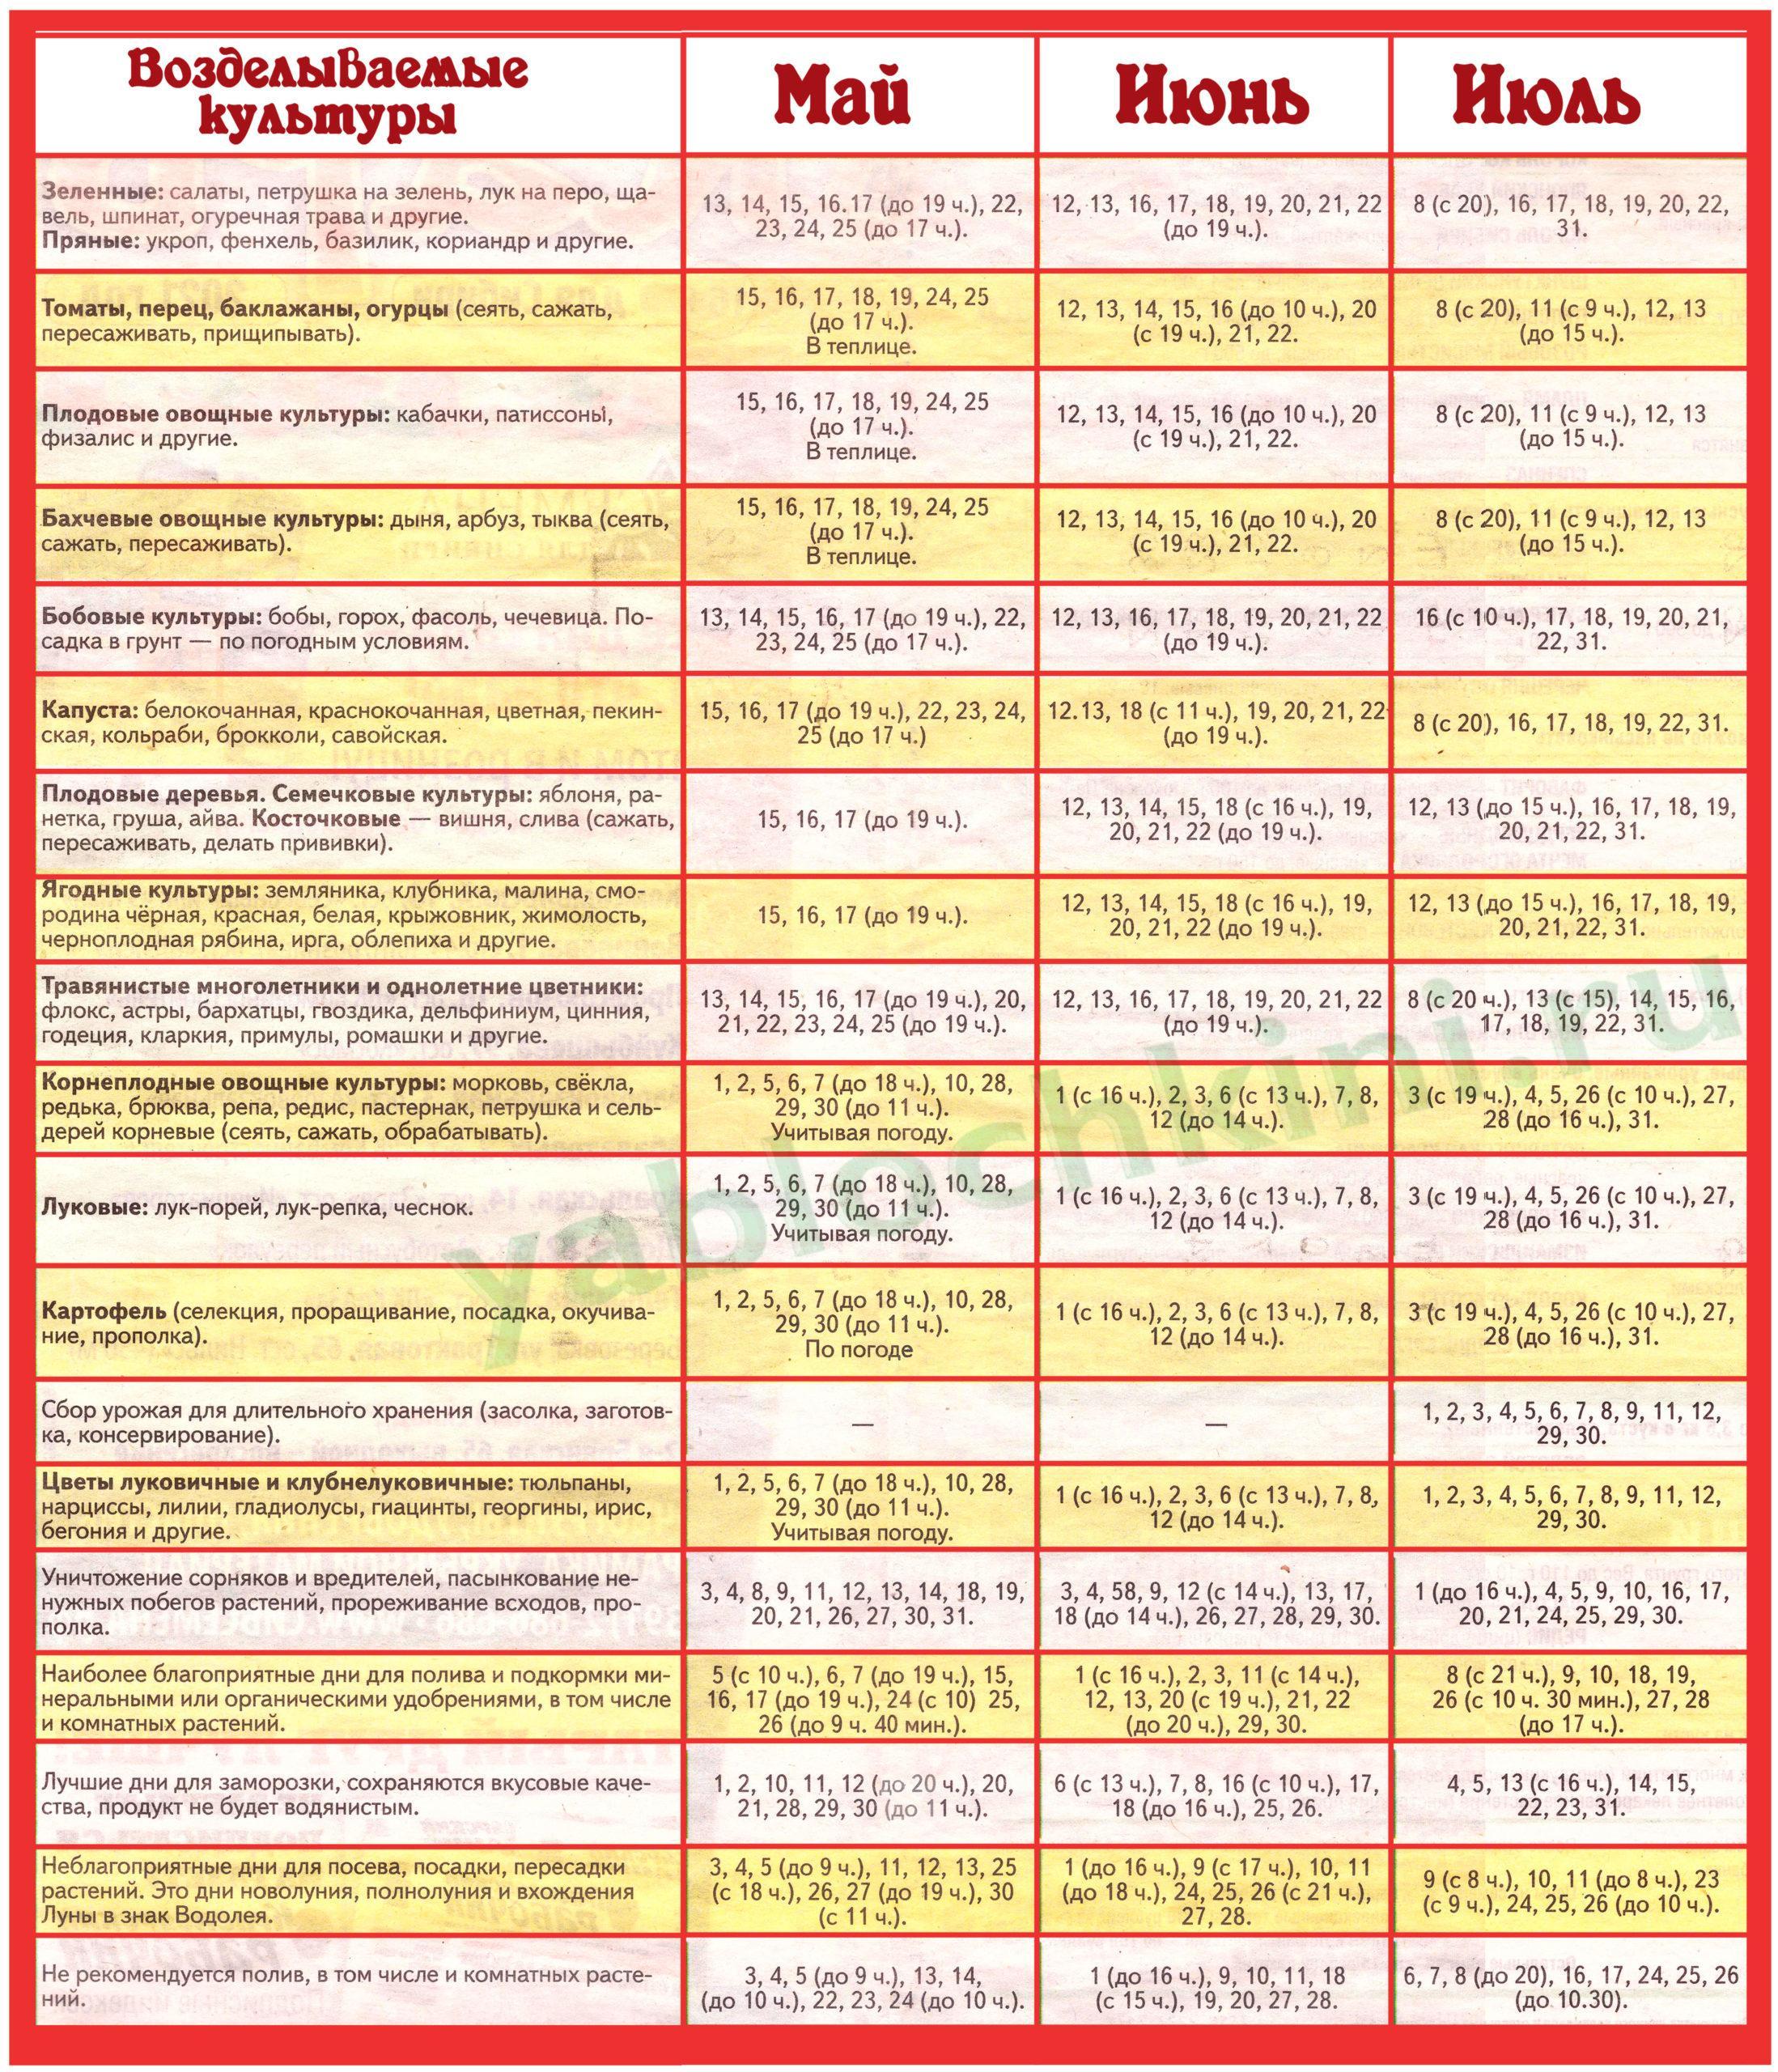 Лунный календарь для Сибири на 2021 год (май-июль)